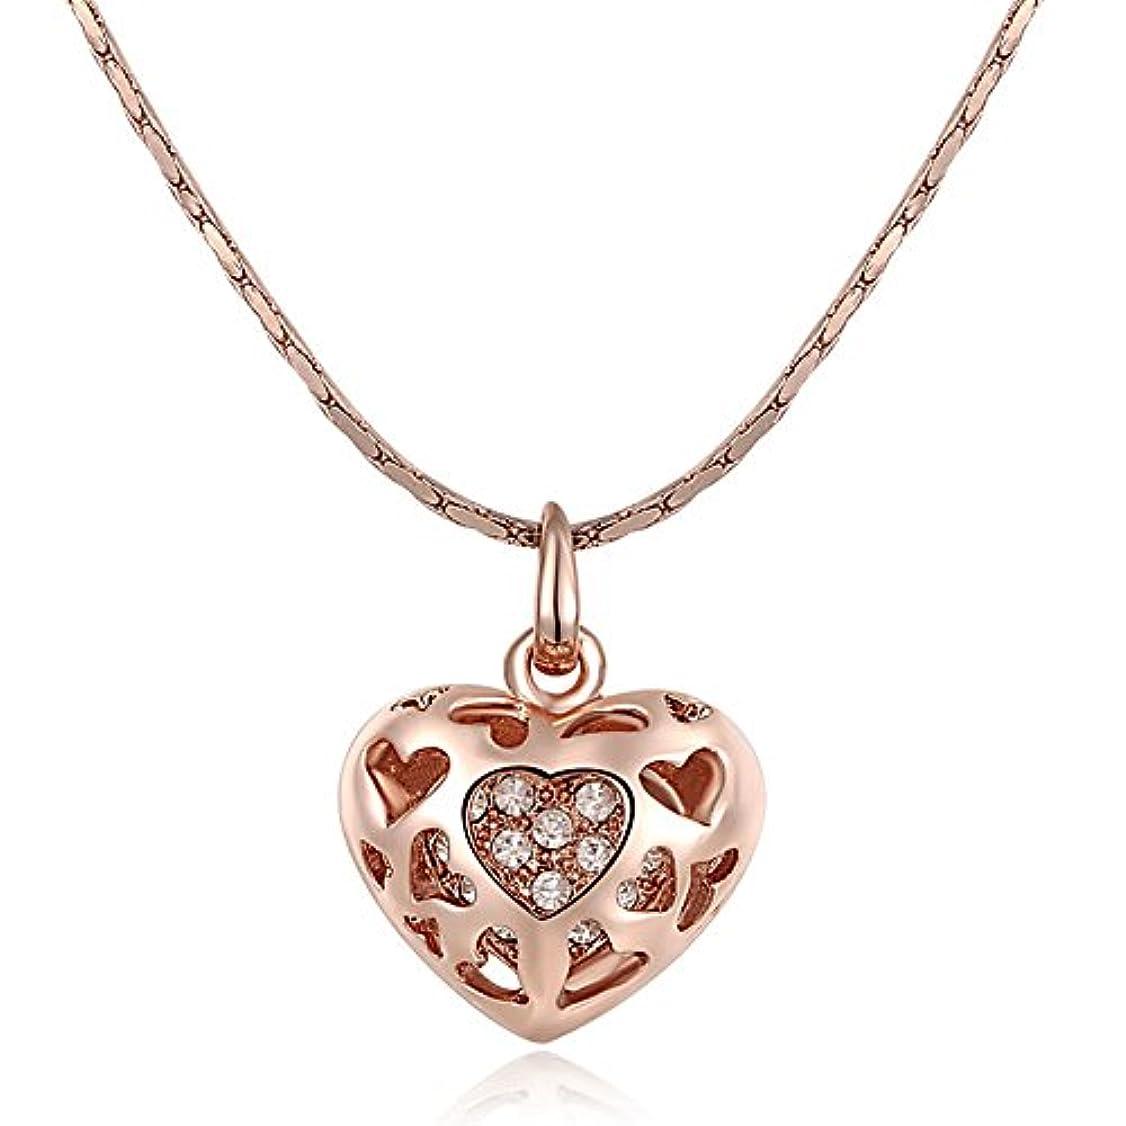 効能位置する対角線可愛い ネックレス 水晶の薔薇の金の型はハート型のネックレス バレンタインデーのプレゼント